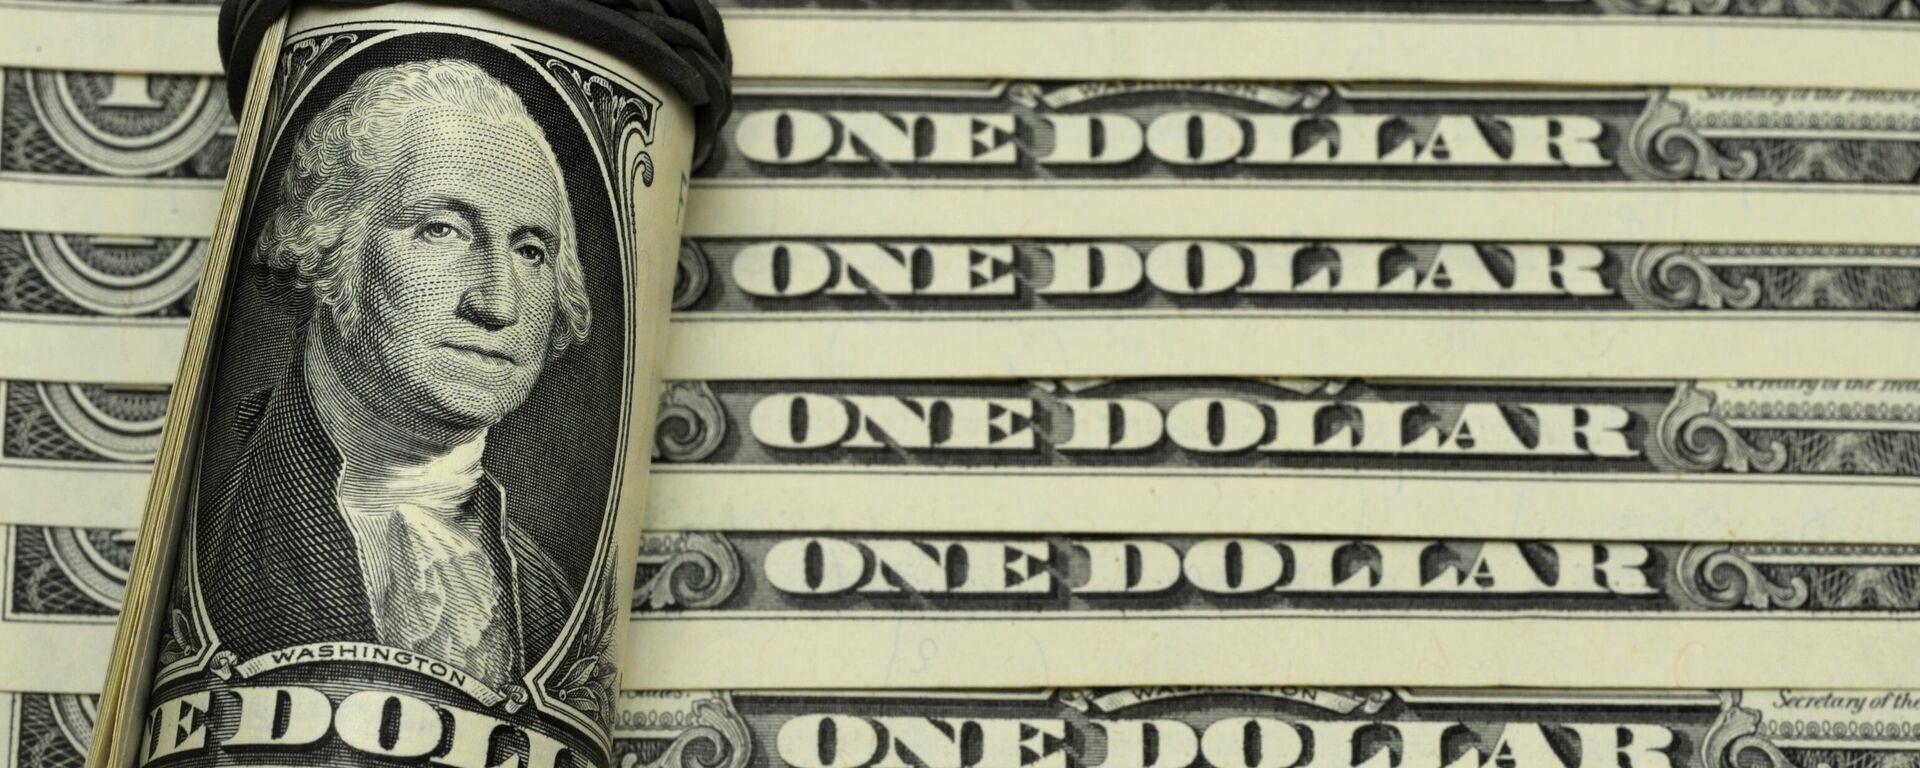 Los billetes de dólares de EEUU - Sputnik Mundo, 1920, 29.09.2021